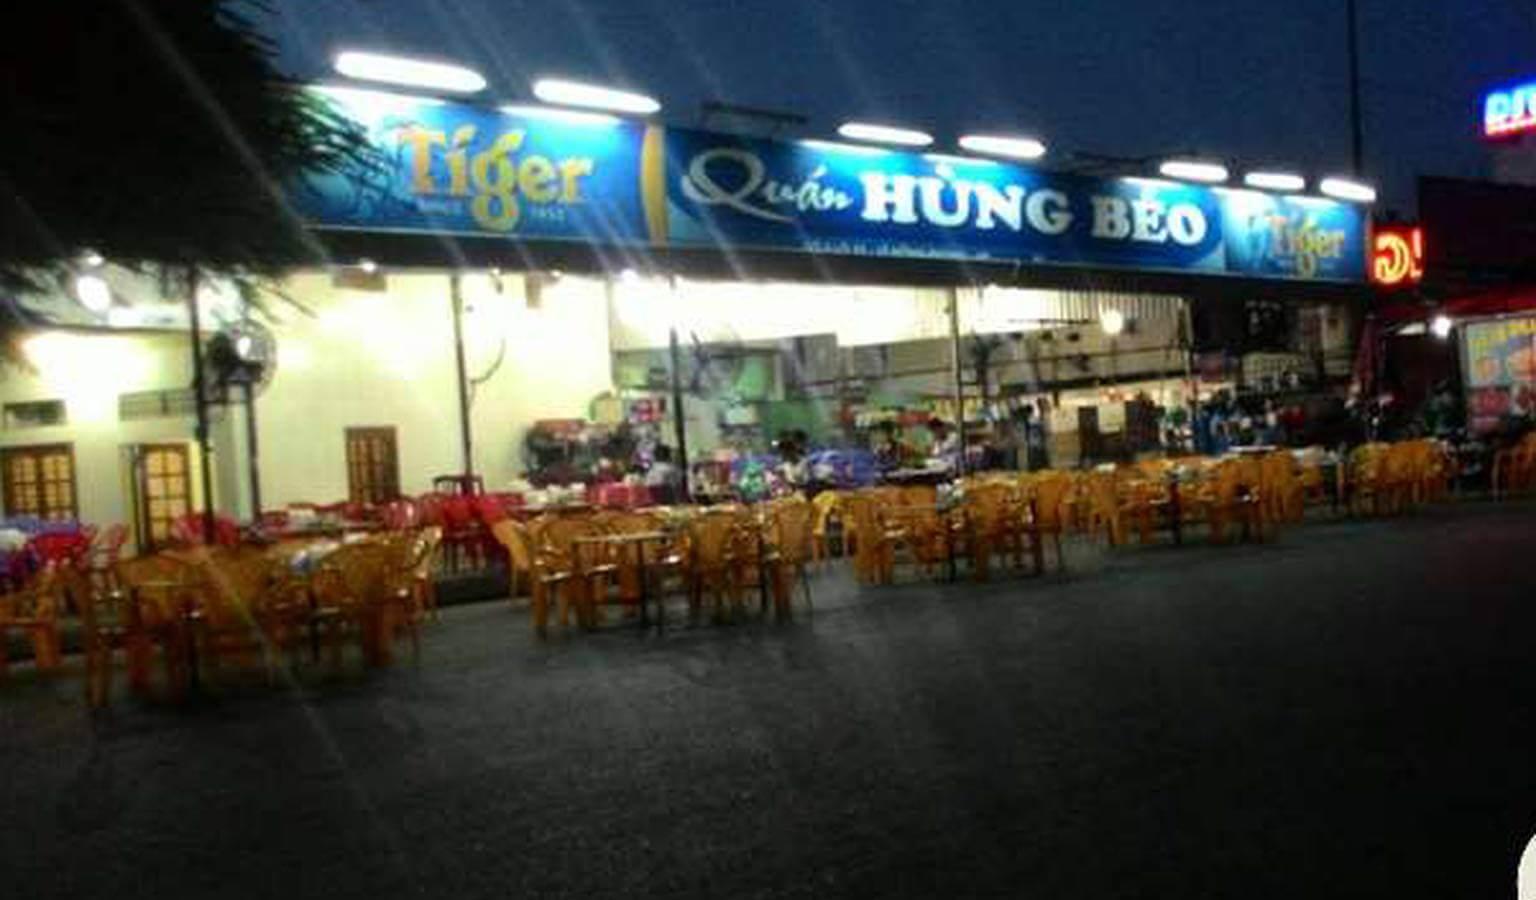 Quán Hùng Béo